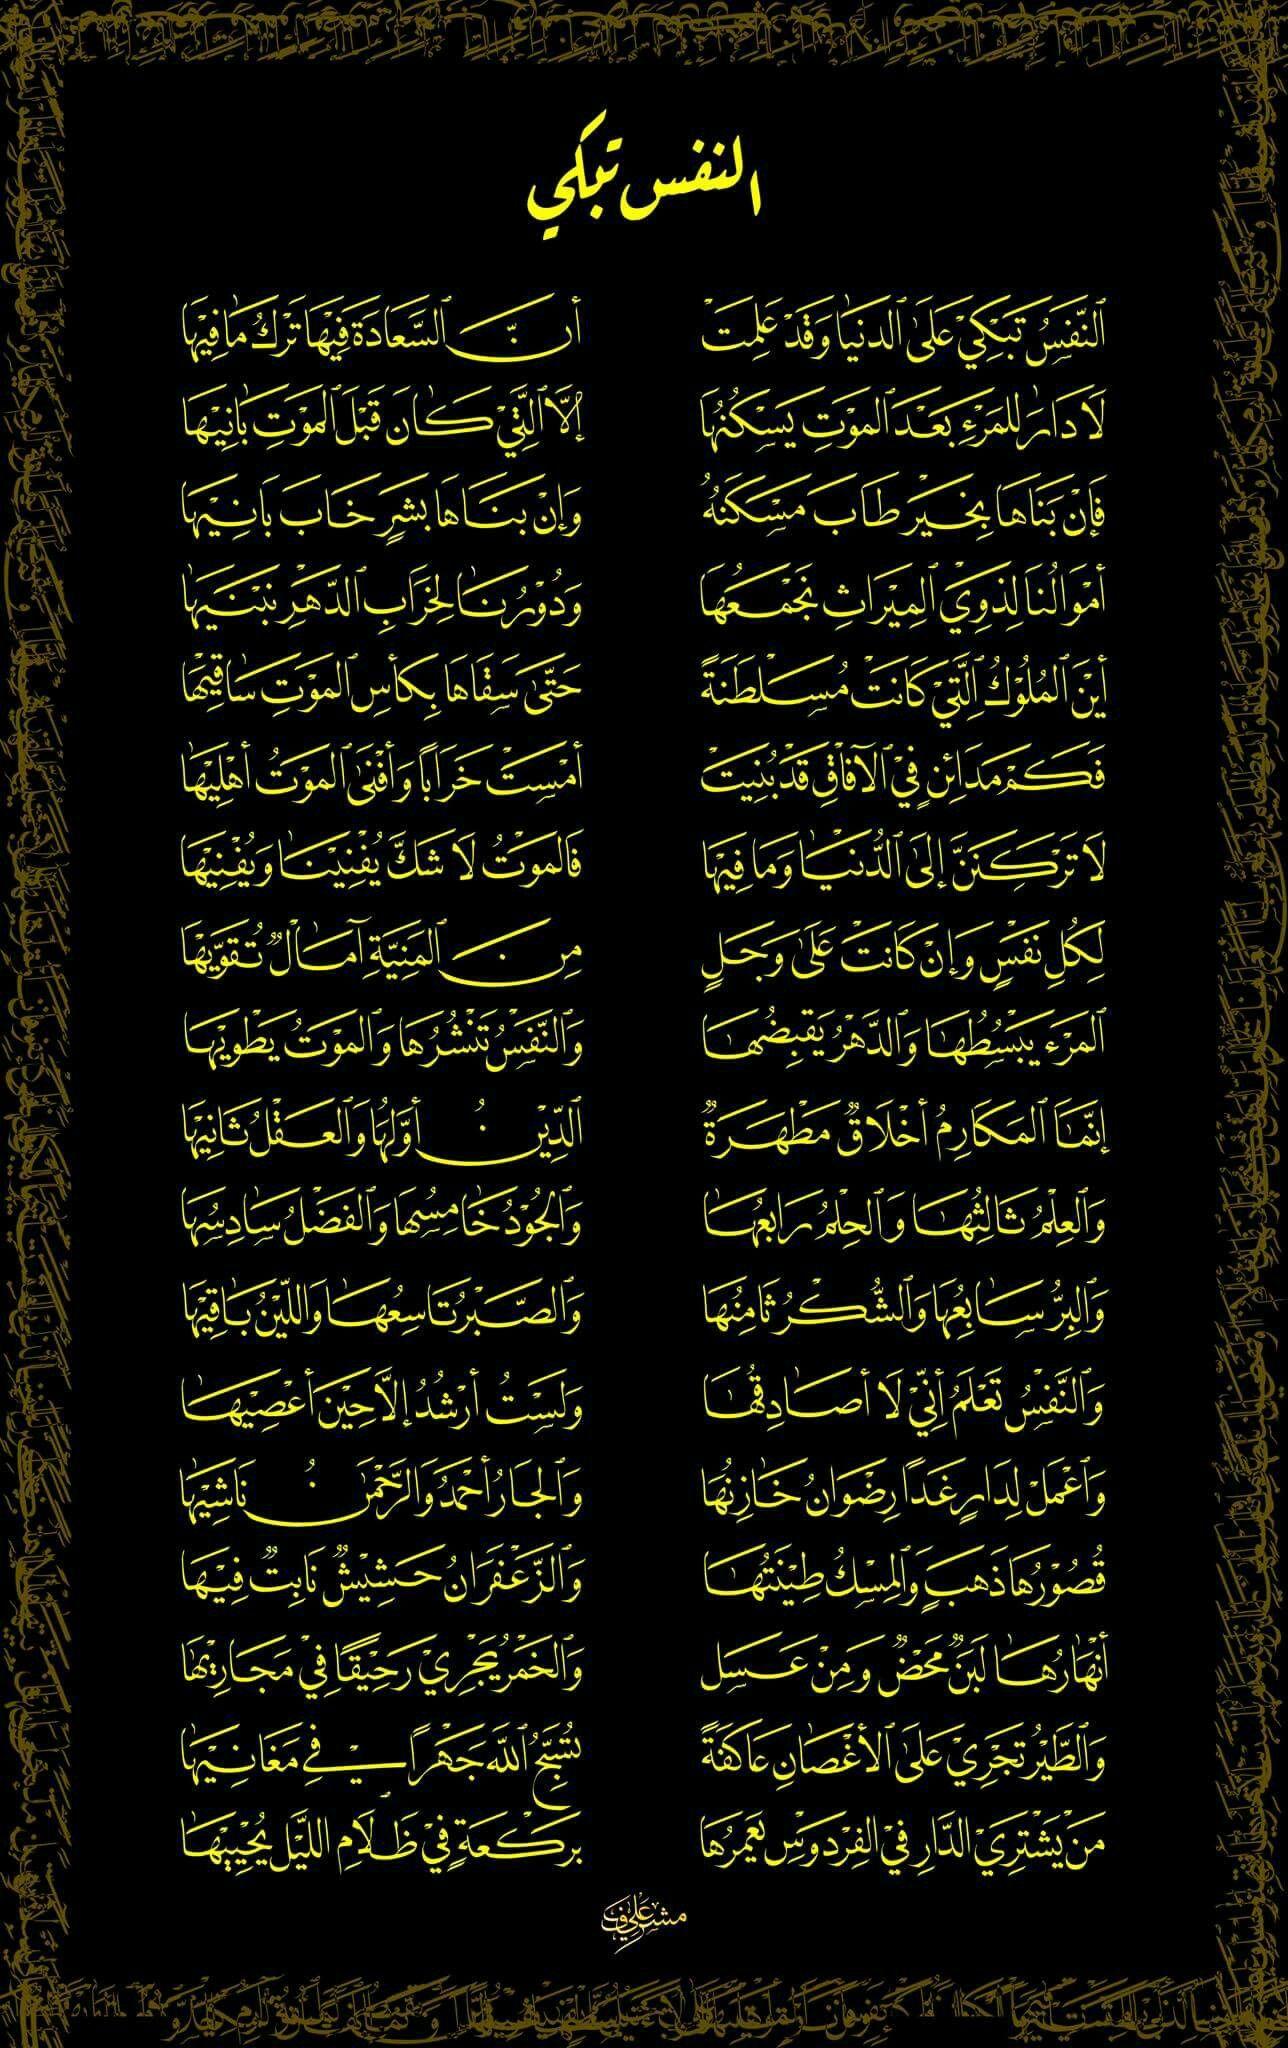 النفس تبكي على الدنيا وقد علمت أن Quran Quotes Inspirational Islamic Love Quotes Wise Words Quotes